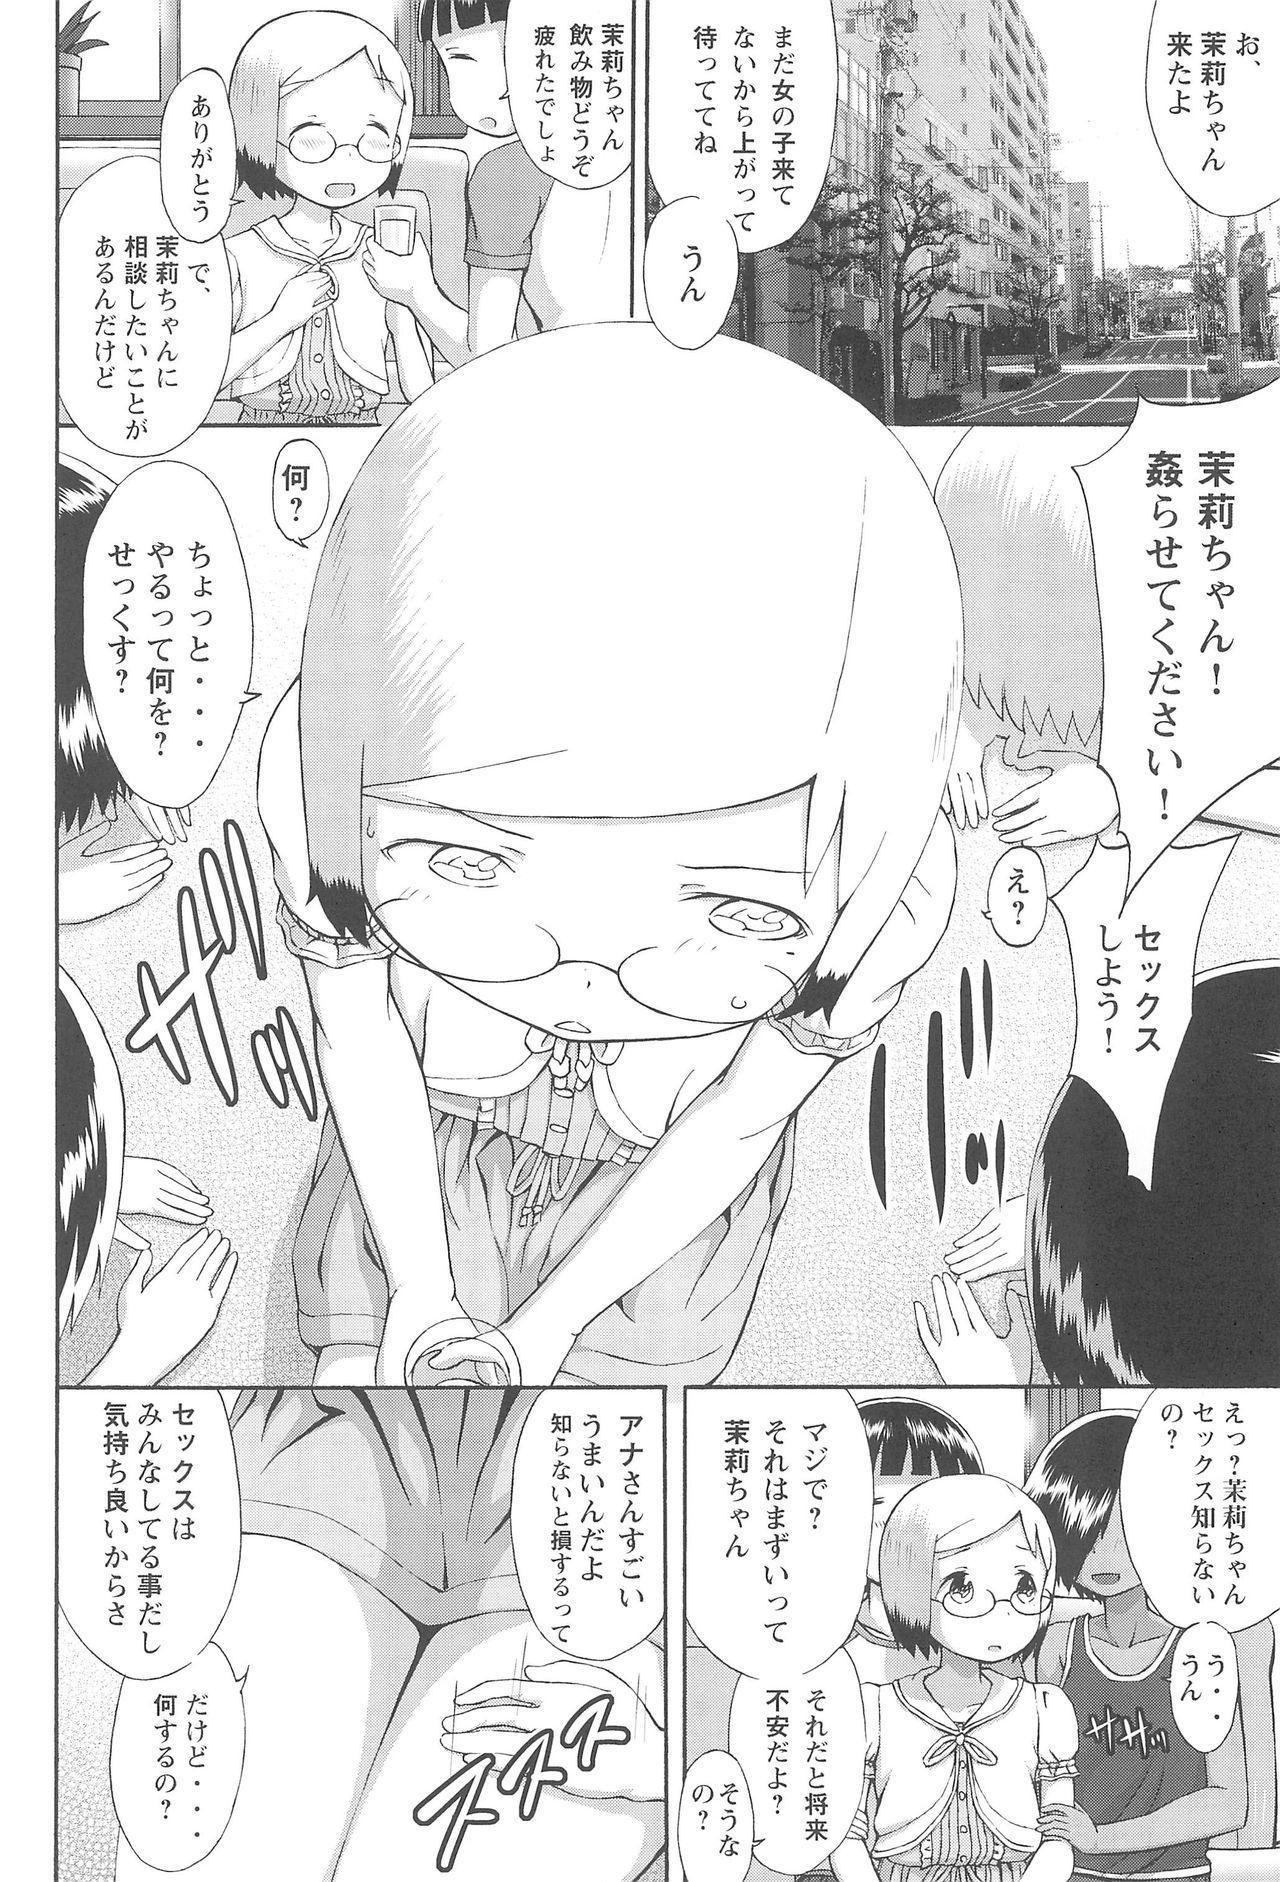 mashimaro ism Matsuri-chan to Asobou 4